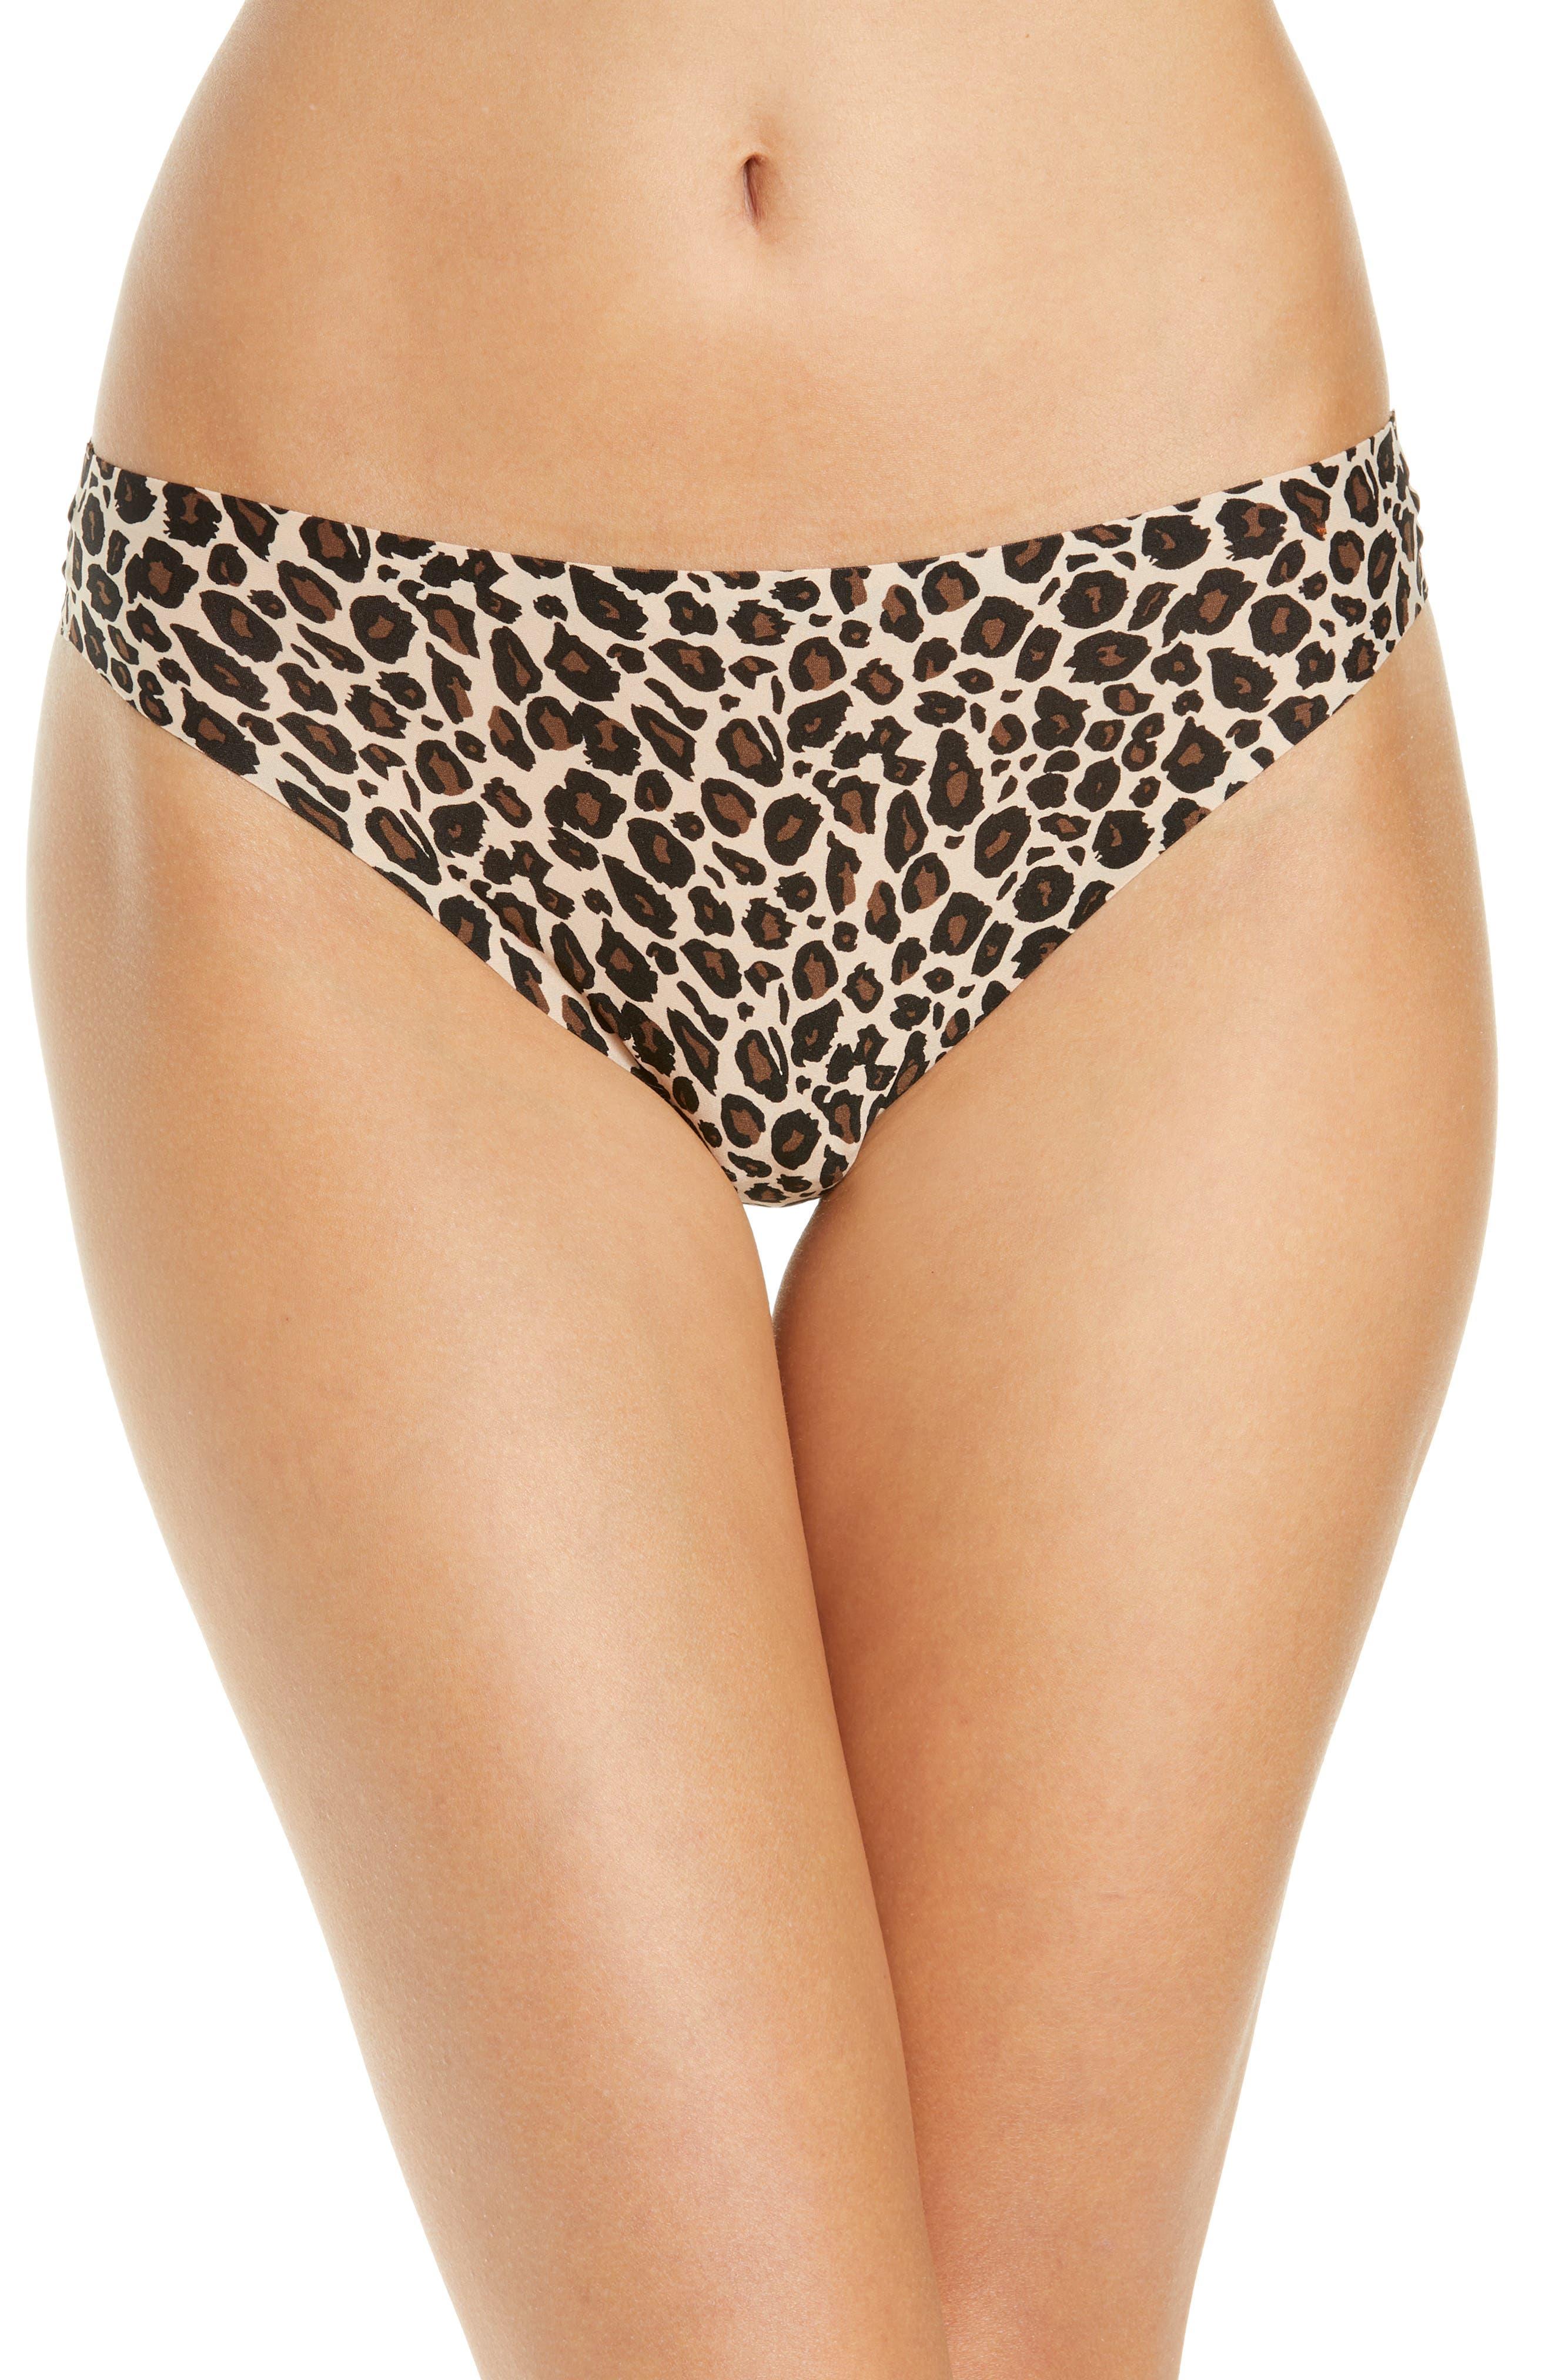 Soft Leopard Print Thong